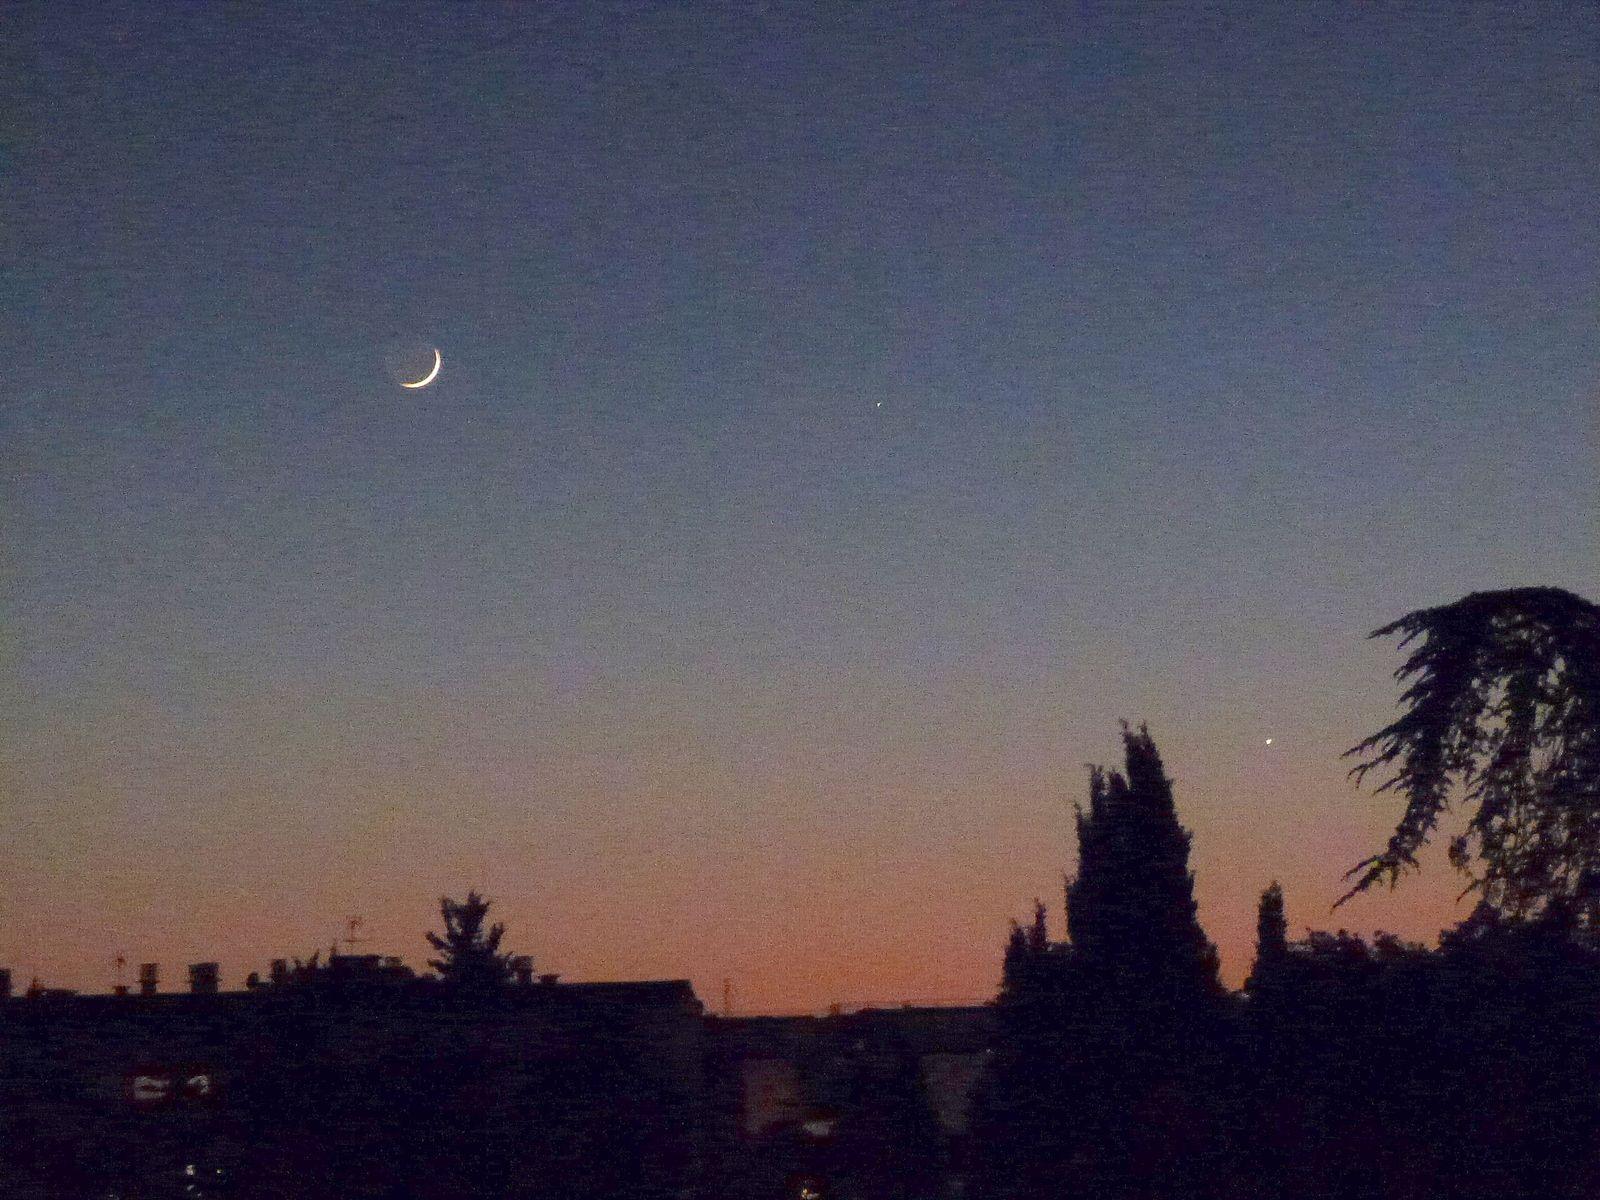 En direct à 22h - ma photo et l'image redshift - de gauche à droite : la Lune, Mercure et Vénus.